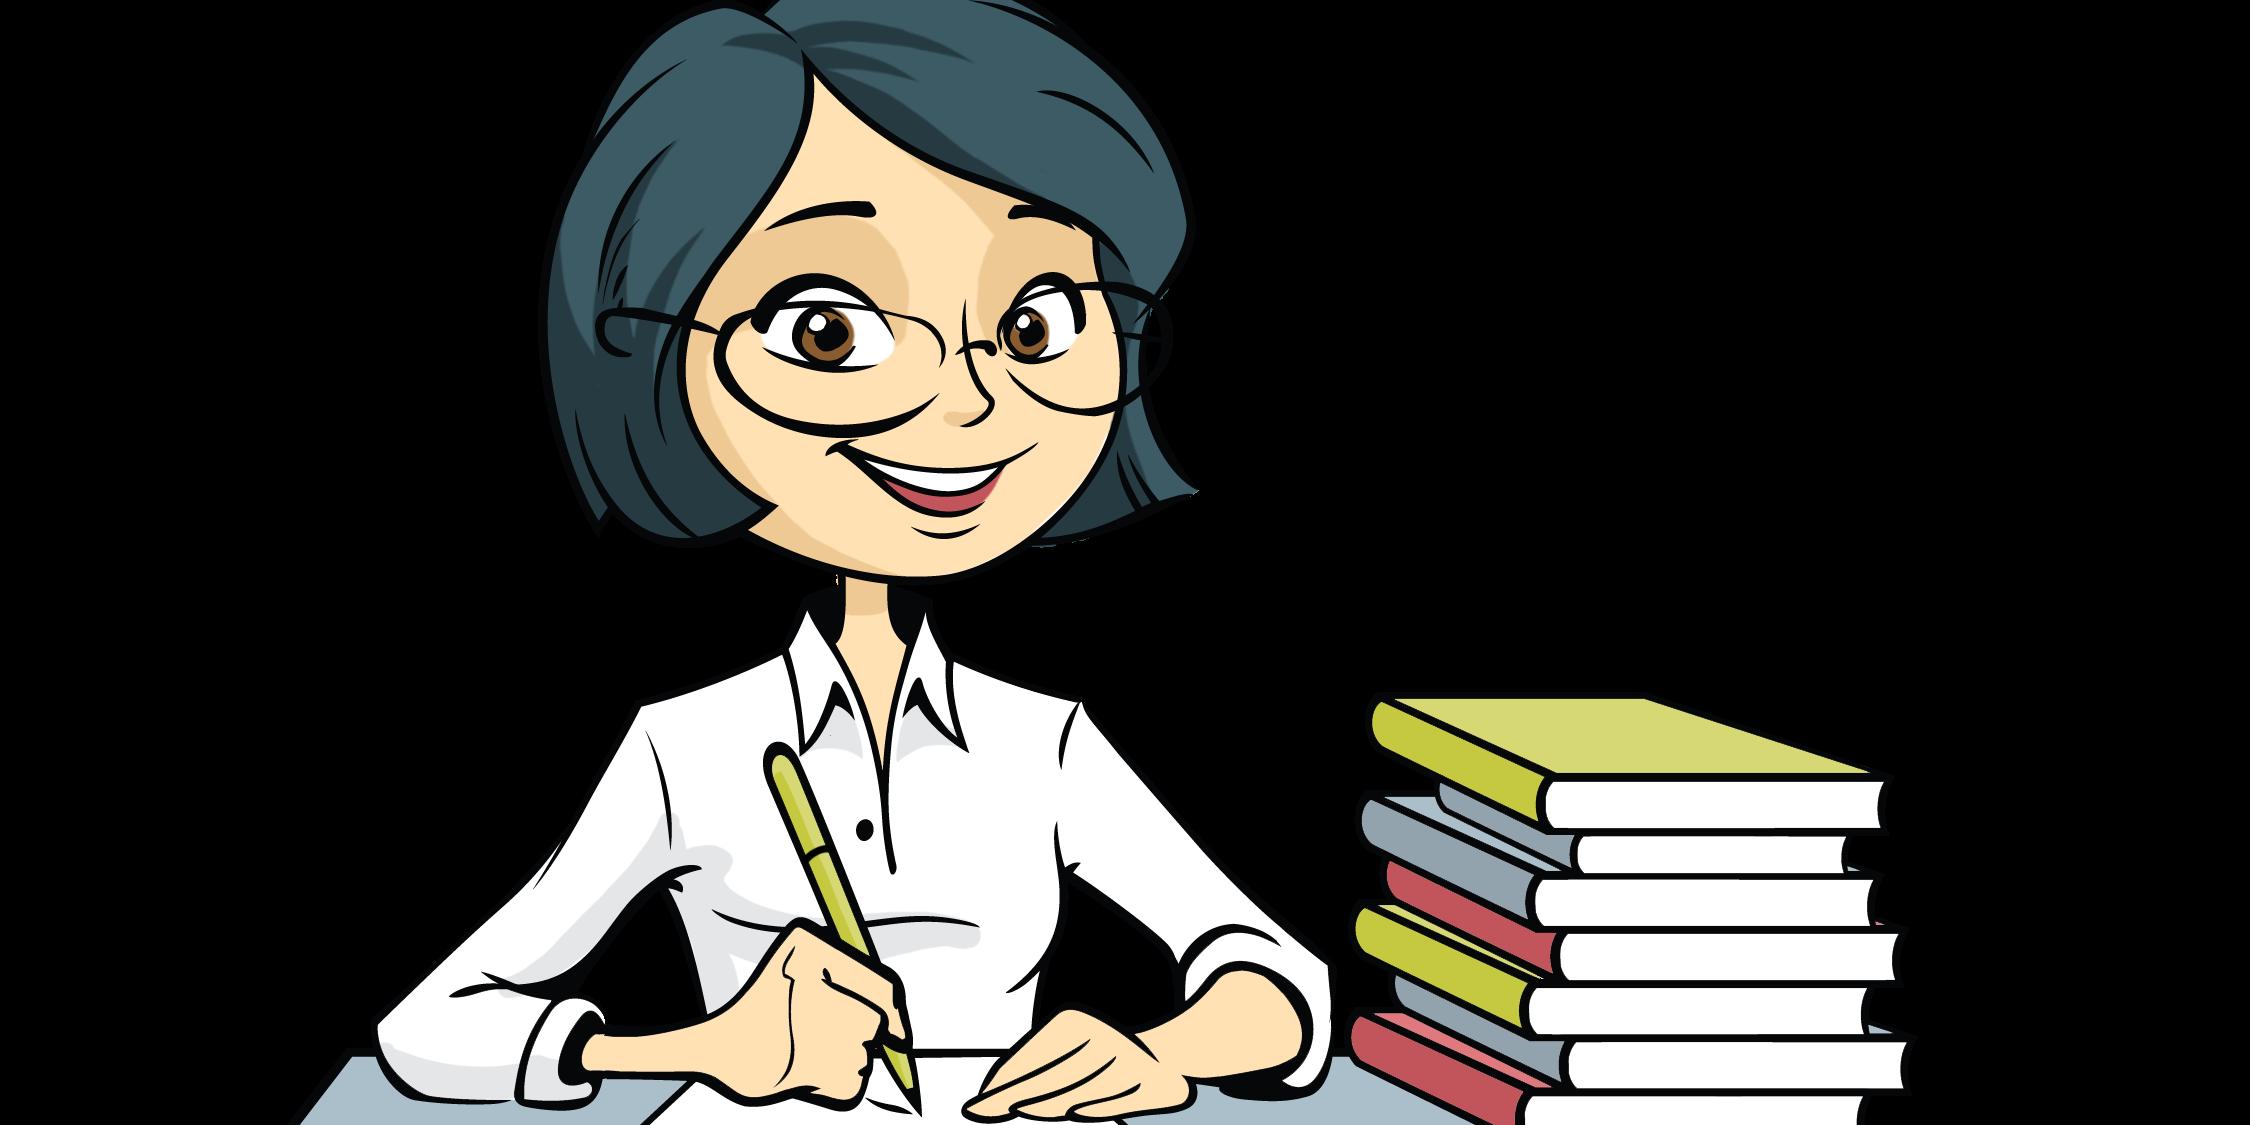 Список работ, на которых ограничивается применение труда женщин, планируется отменить в РК